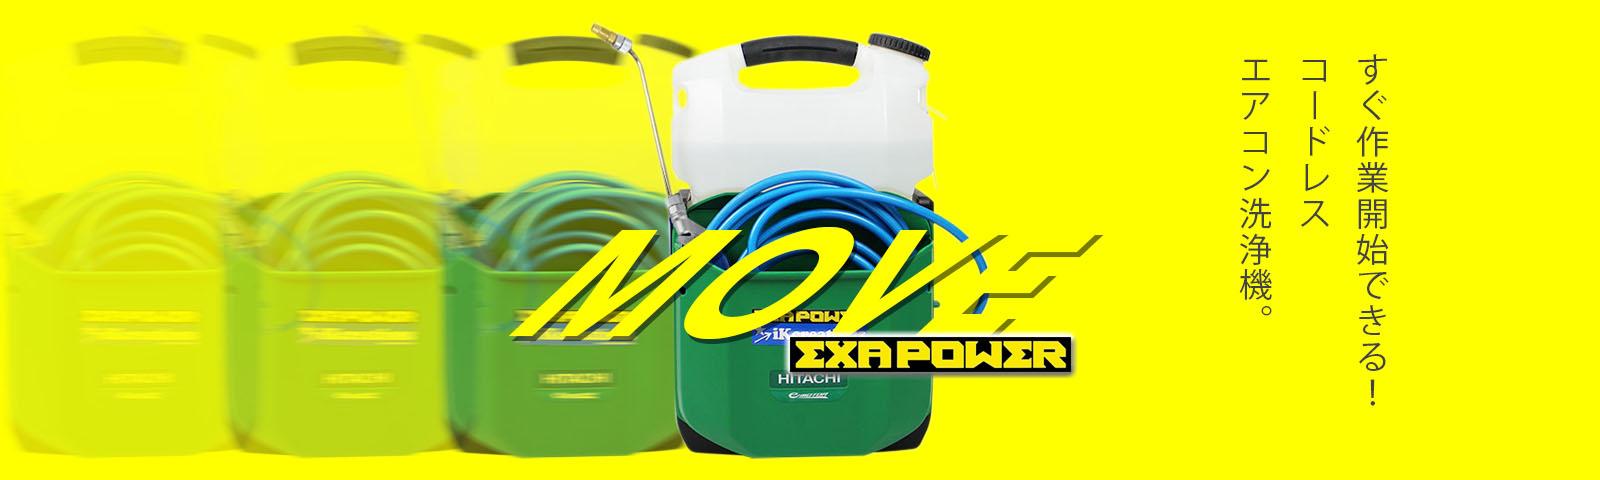 エクサパワーMOVE(ムーヴ) - コードレスエアコン洗浄機